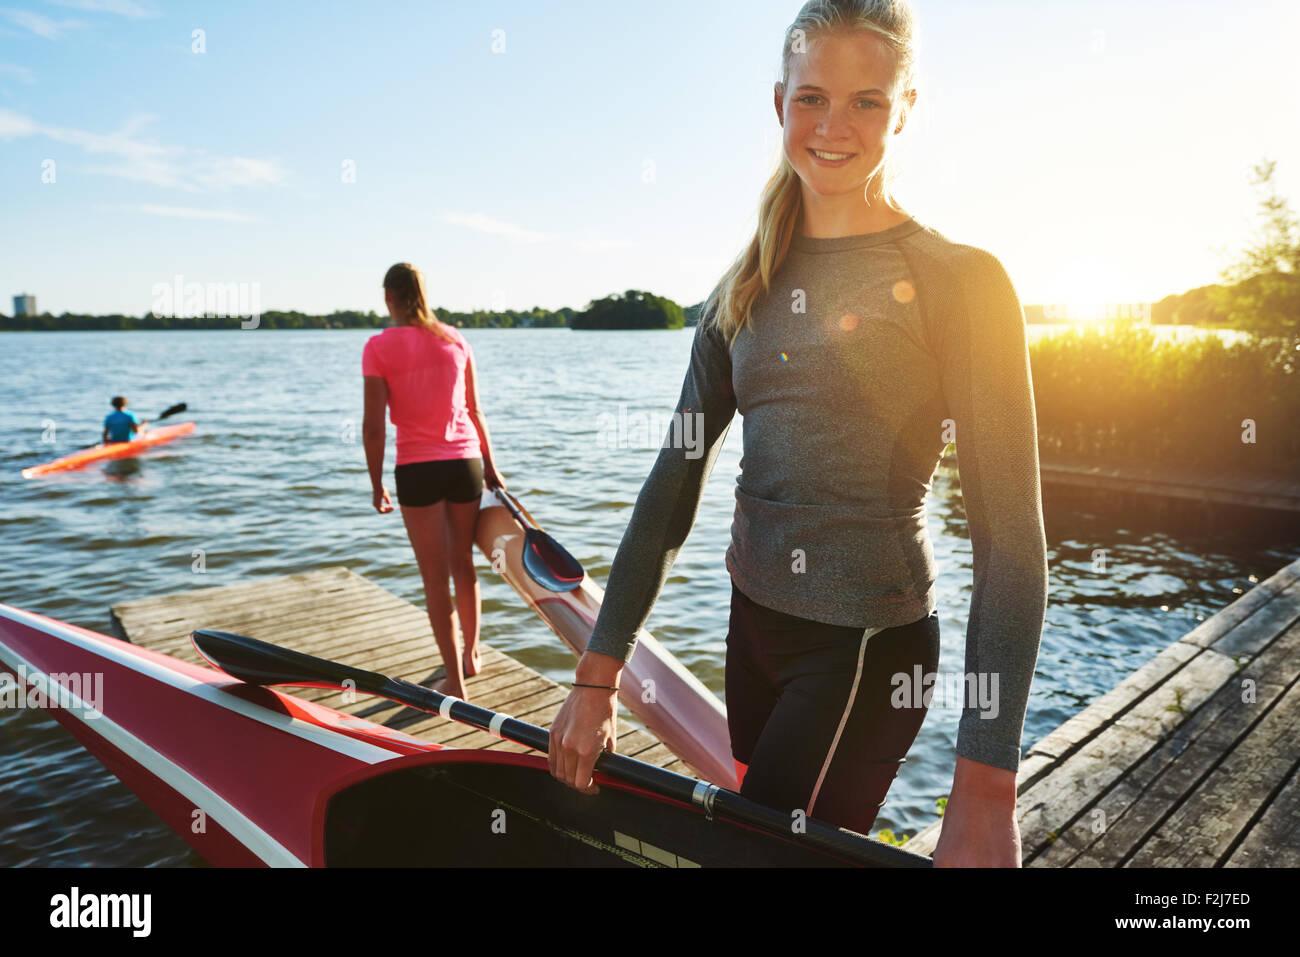 Fit woman avec un kayak pour se préparer à la pratique Photo Stock